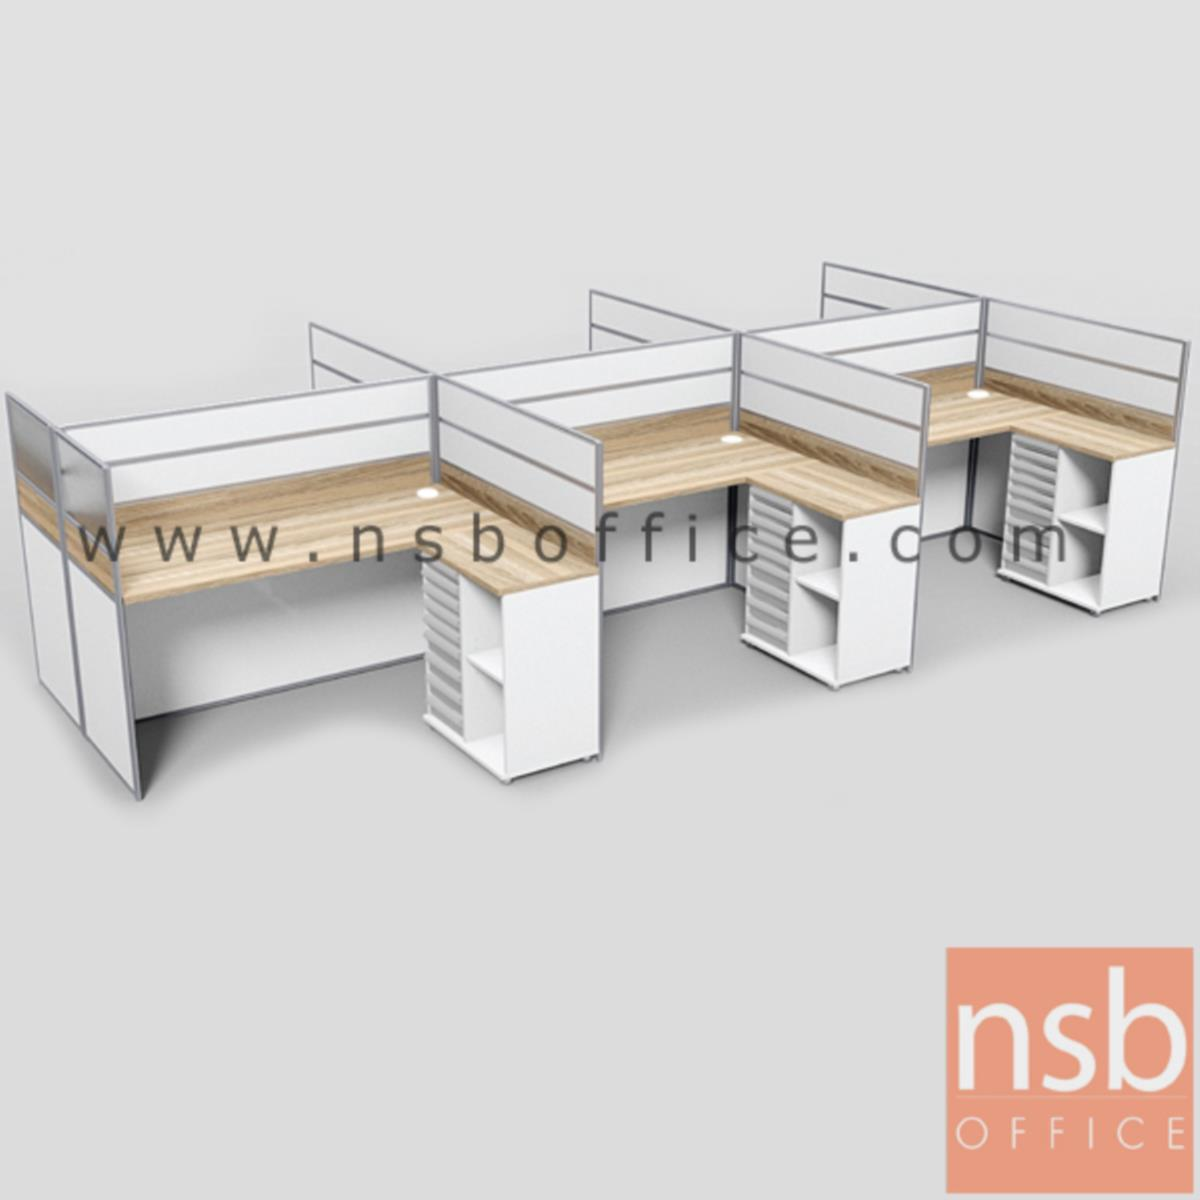 ชุดโต๊ะทำงานกลุ่มตัวแอล 6 ที่นั่ง  รุ่น Hugo 4 (ฮิวโก้ 4) ขนาดรวม 458W1*242W2 cm. พร้อมตู้ข้างเอกสาร